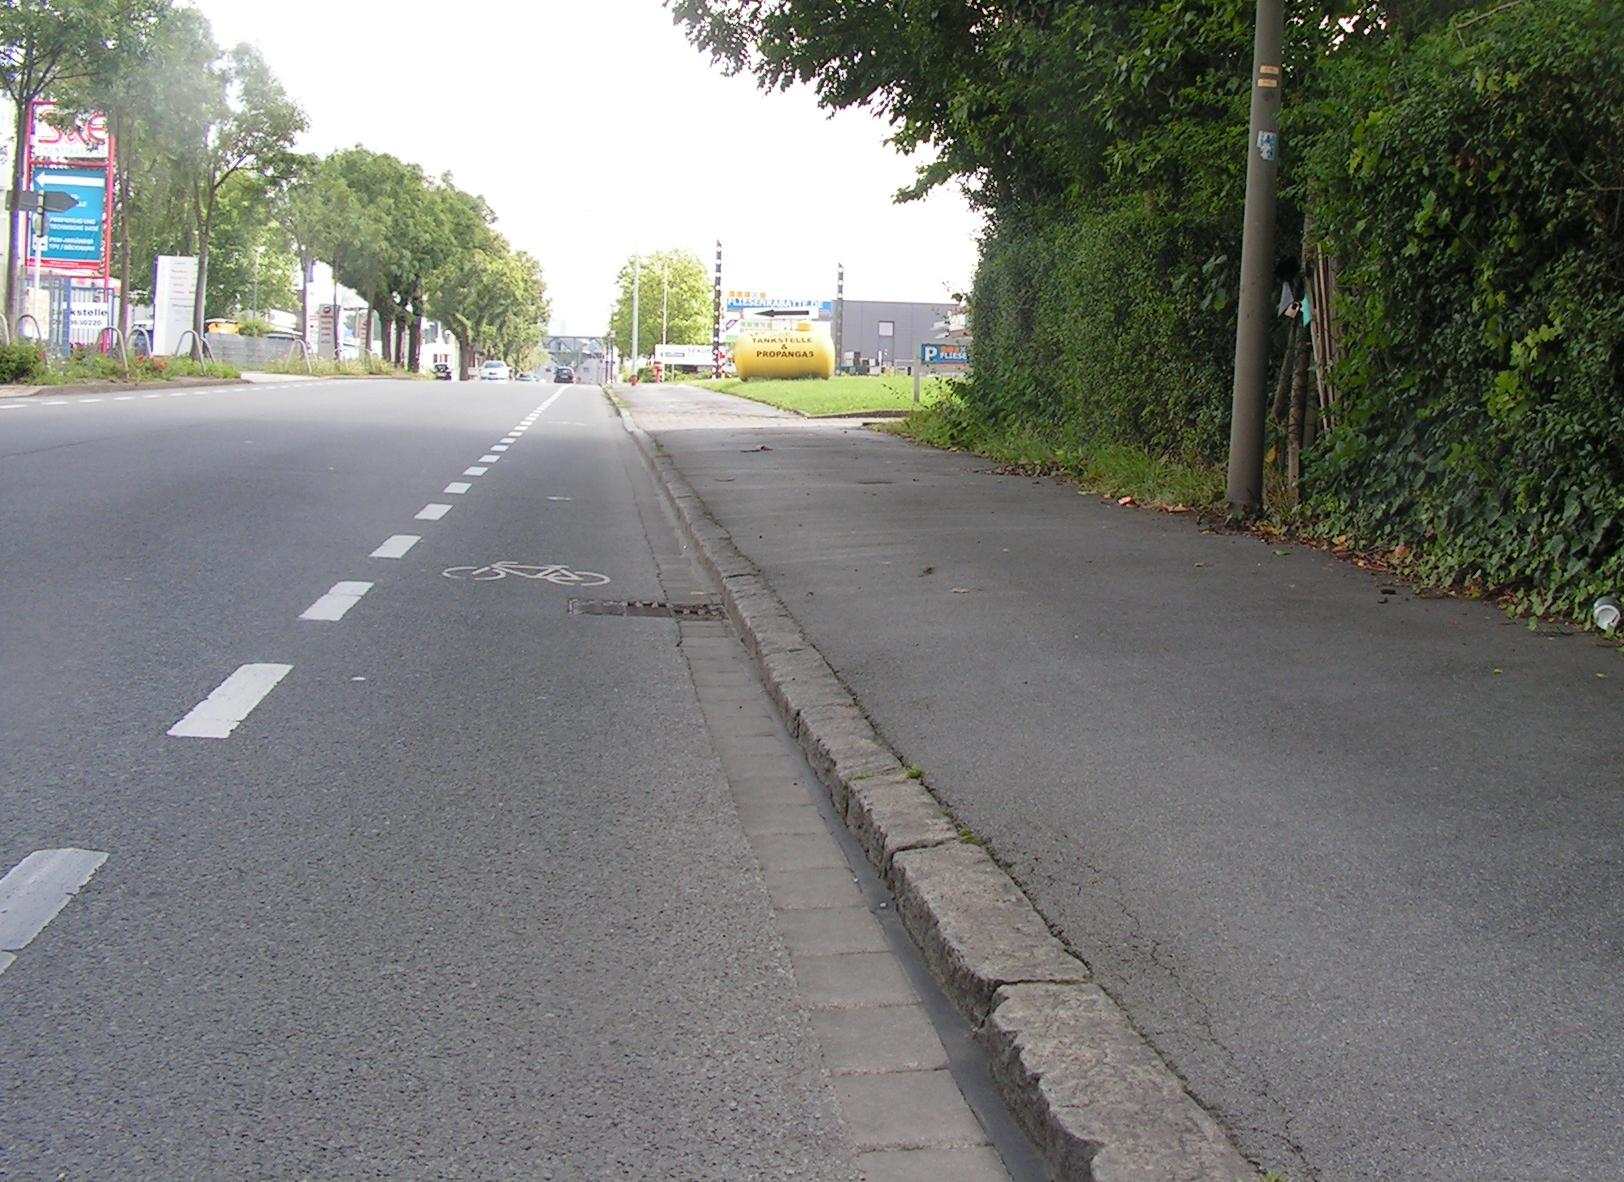 Schmales Schutzstreifchen in Dortmund. Die nutzbare Breite wird durch den Gullydeckel nochmals deutlich verringert. (Foto: Peter Maier)